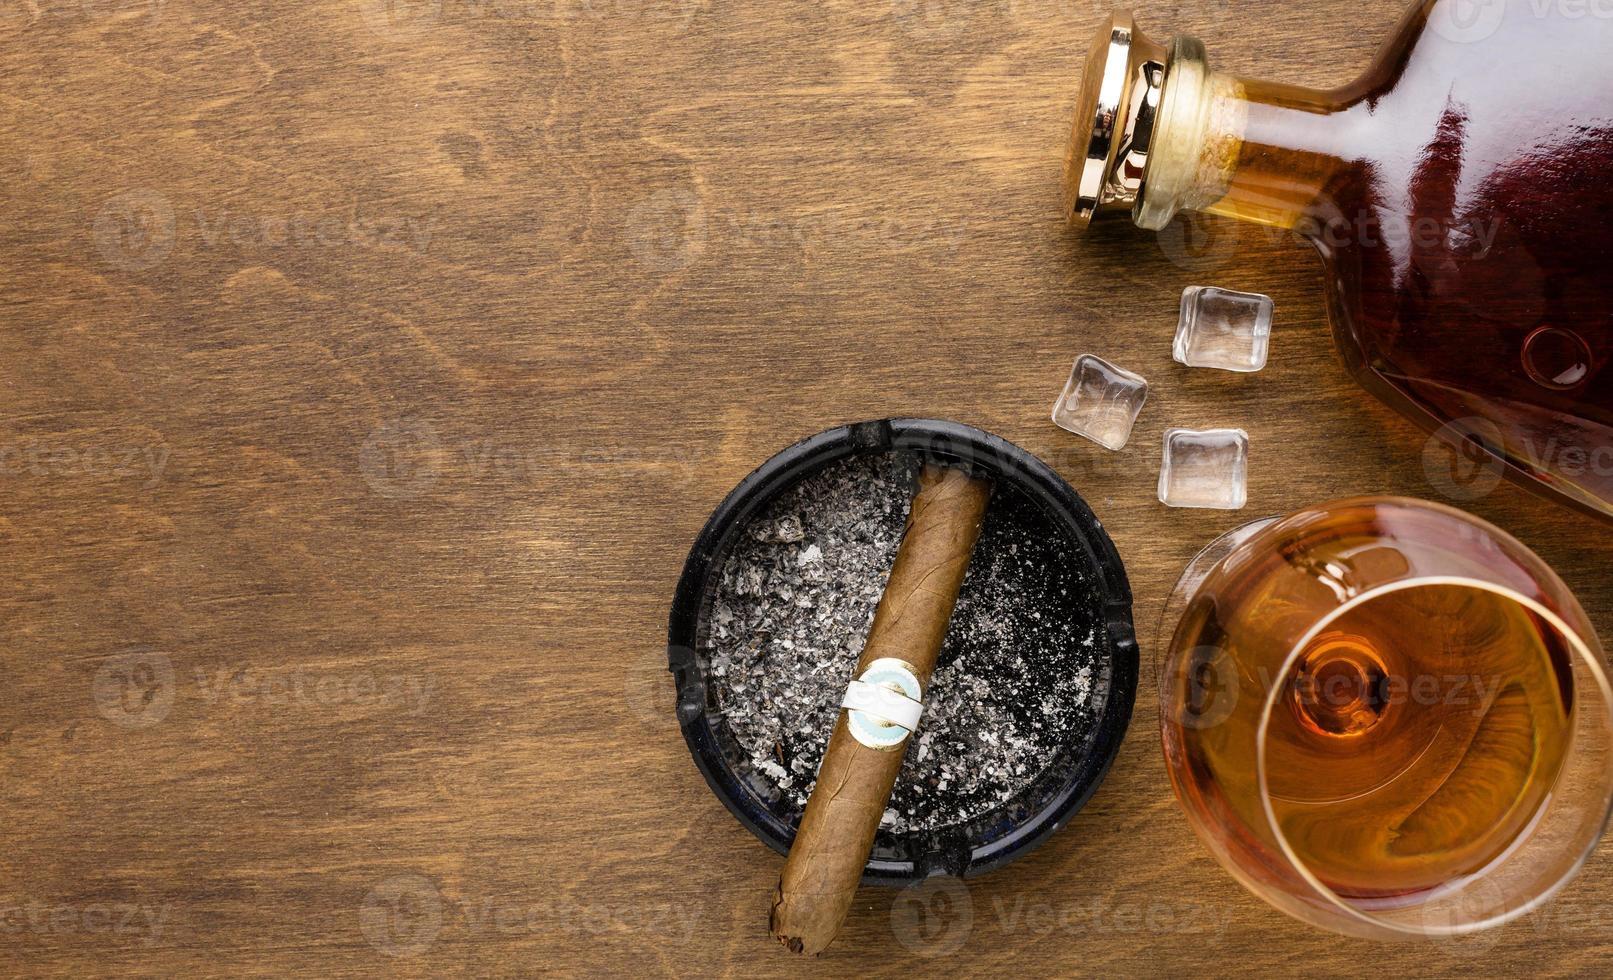 plano laico coñac y cigarro con espacio de copia foto